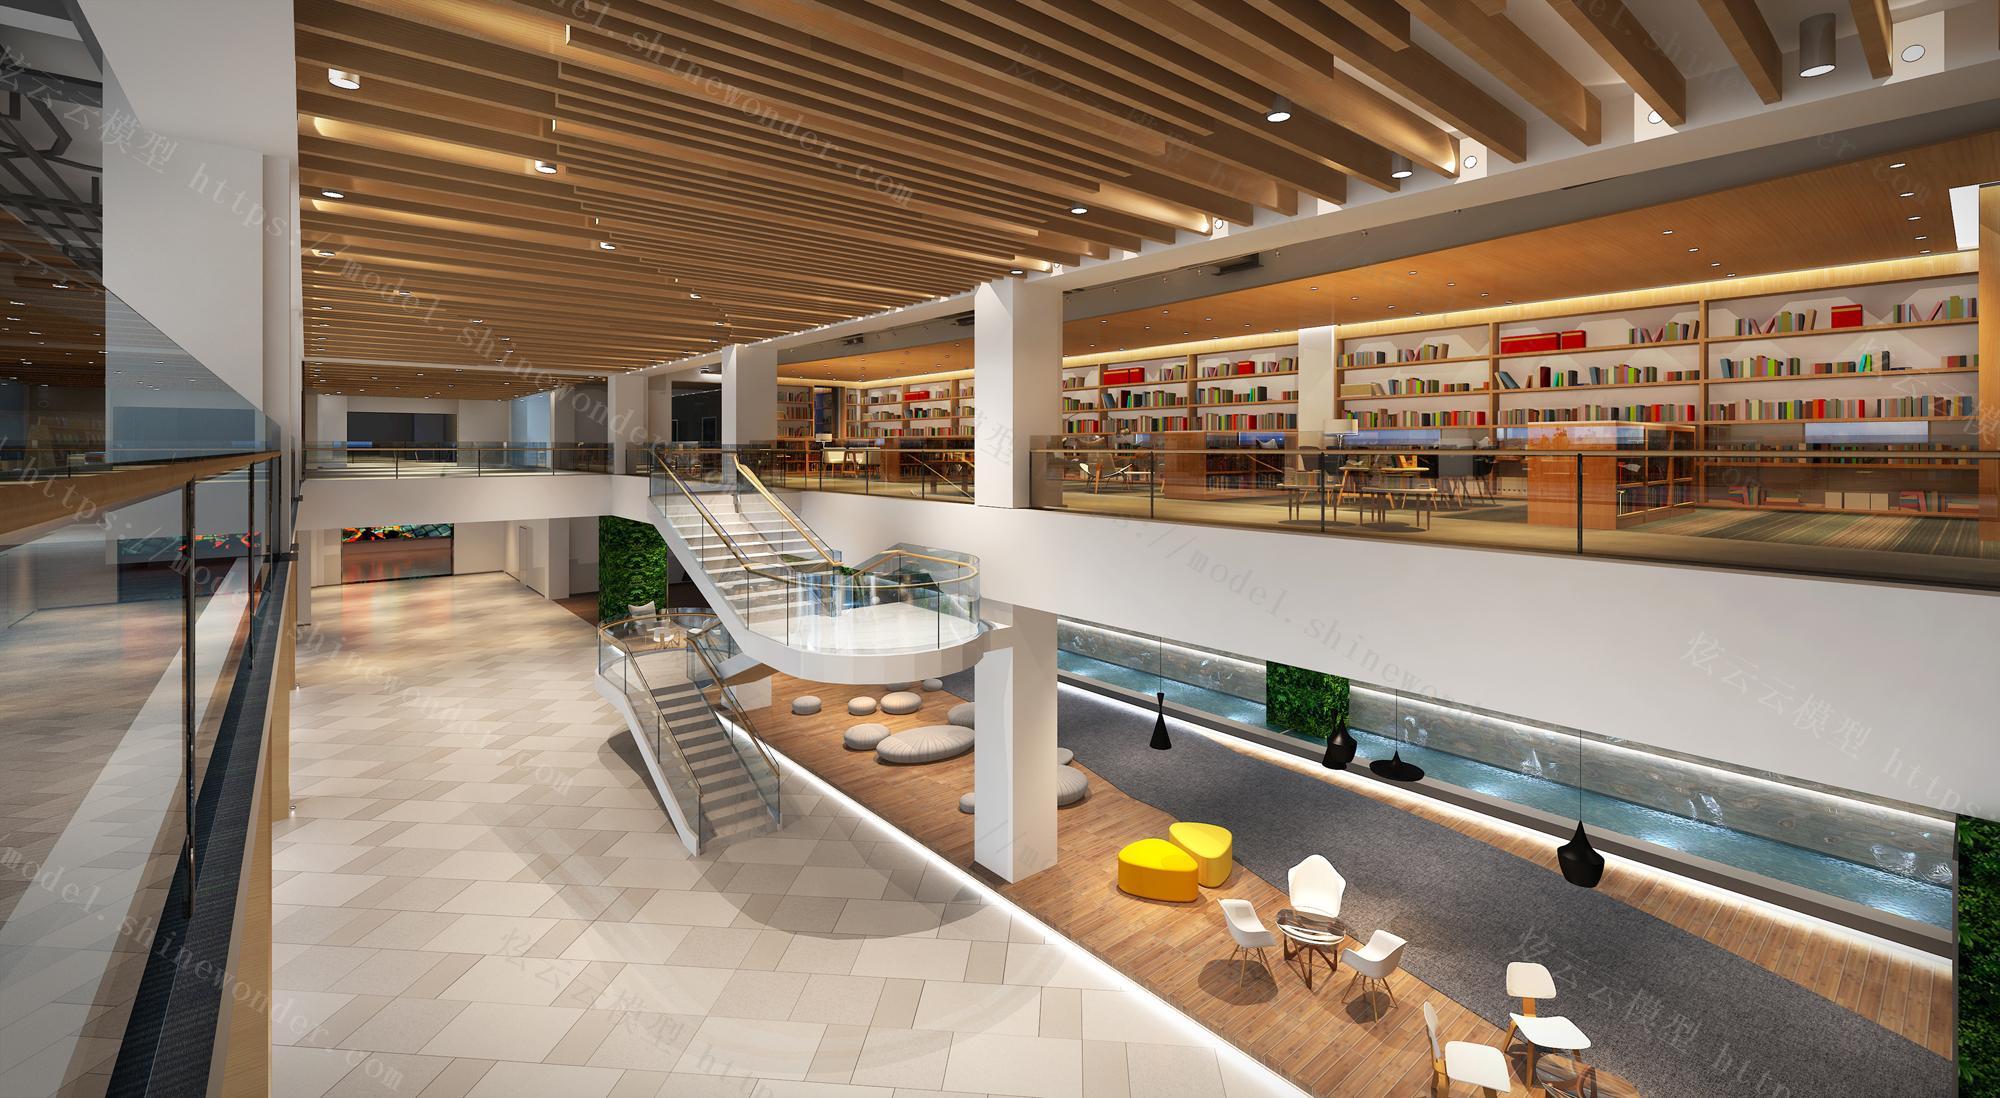 学校图书馆模型